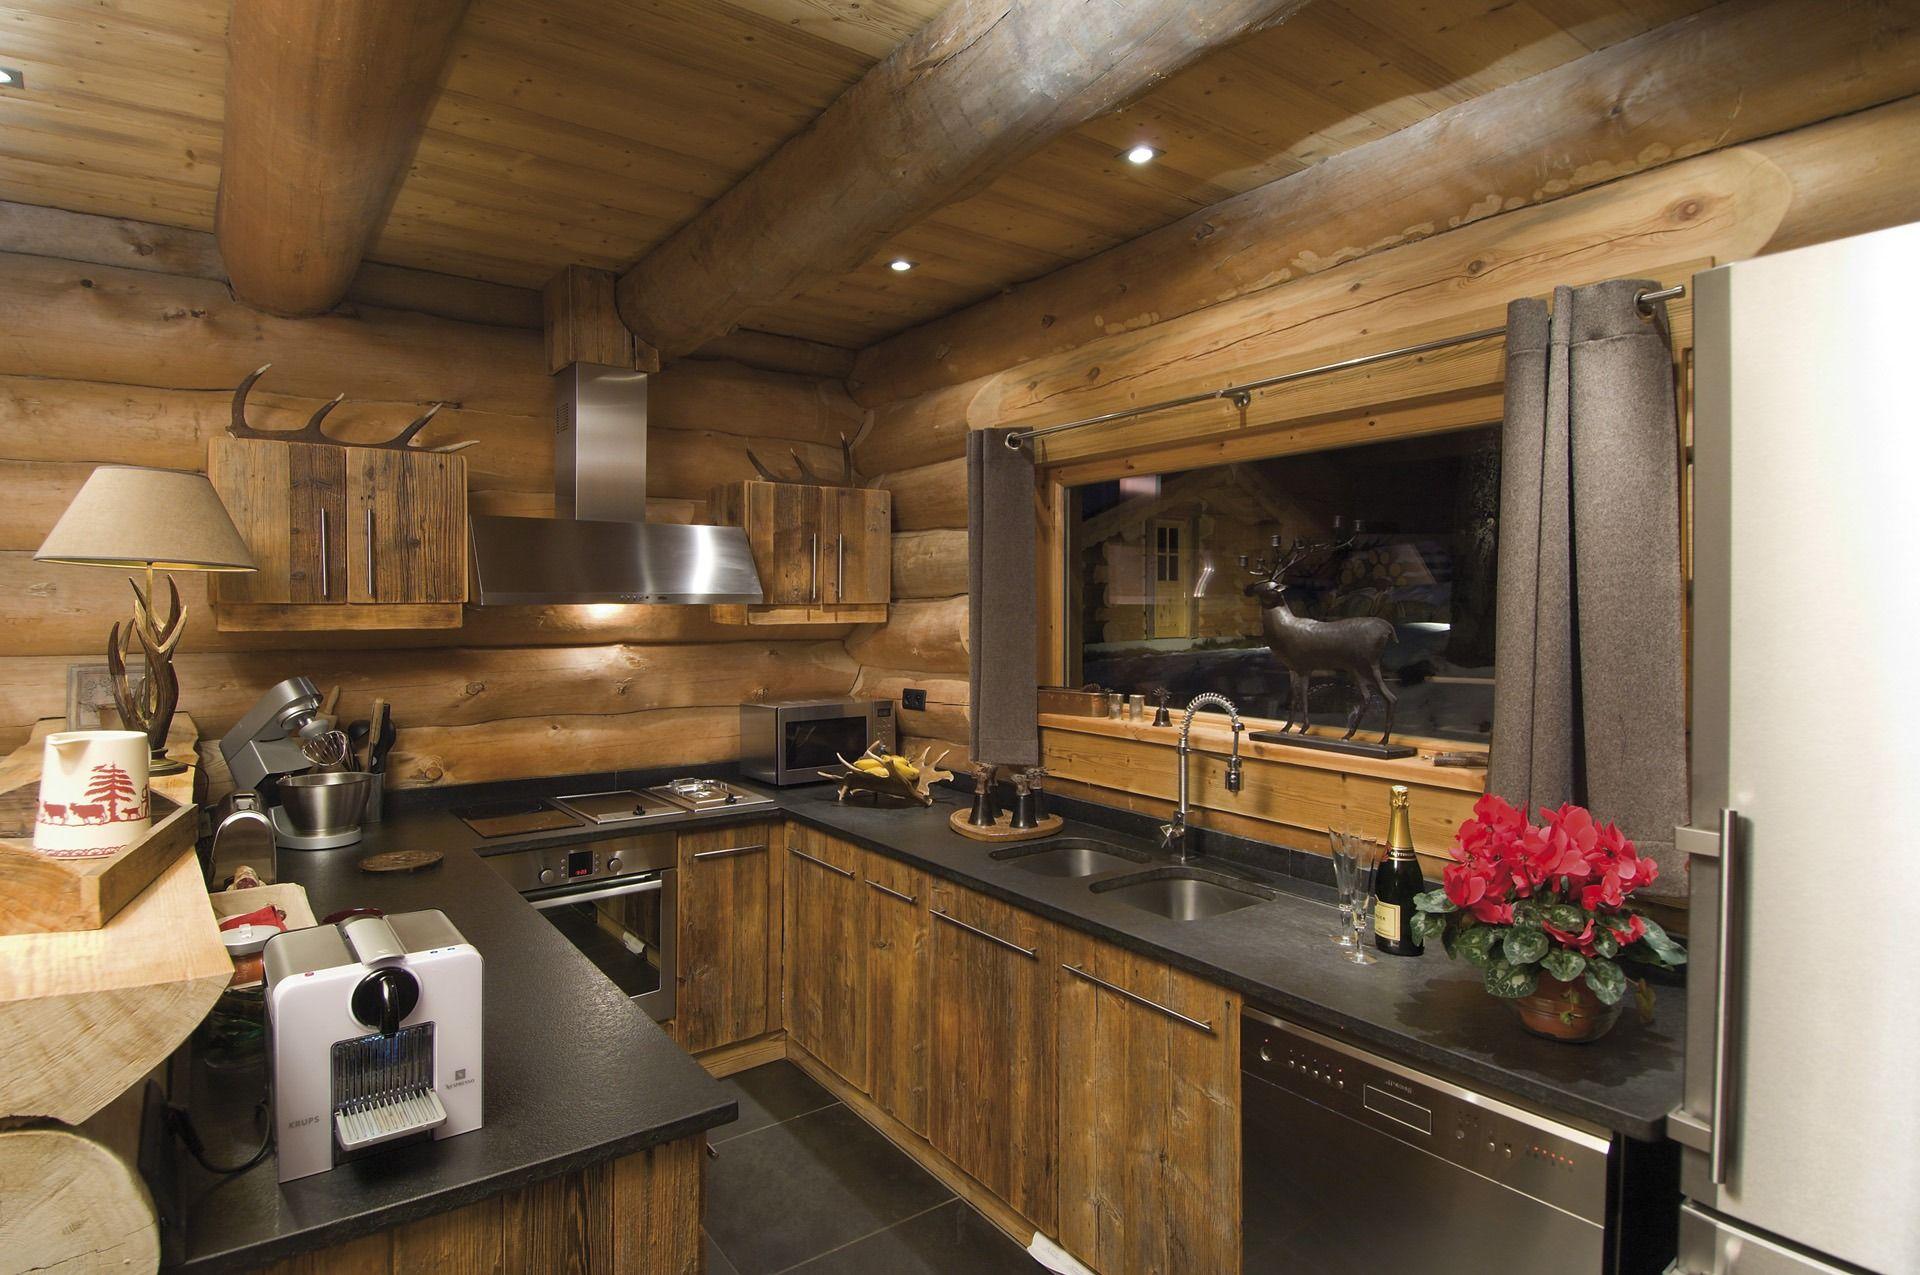 Cuisine de chalet  Inspiration nordique en 2019  Chalet Chalet montagne et Decoration chalet